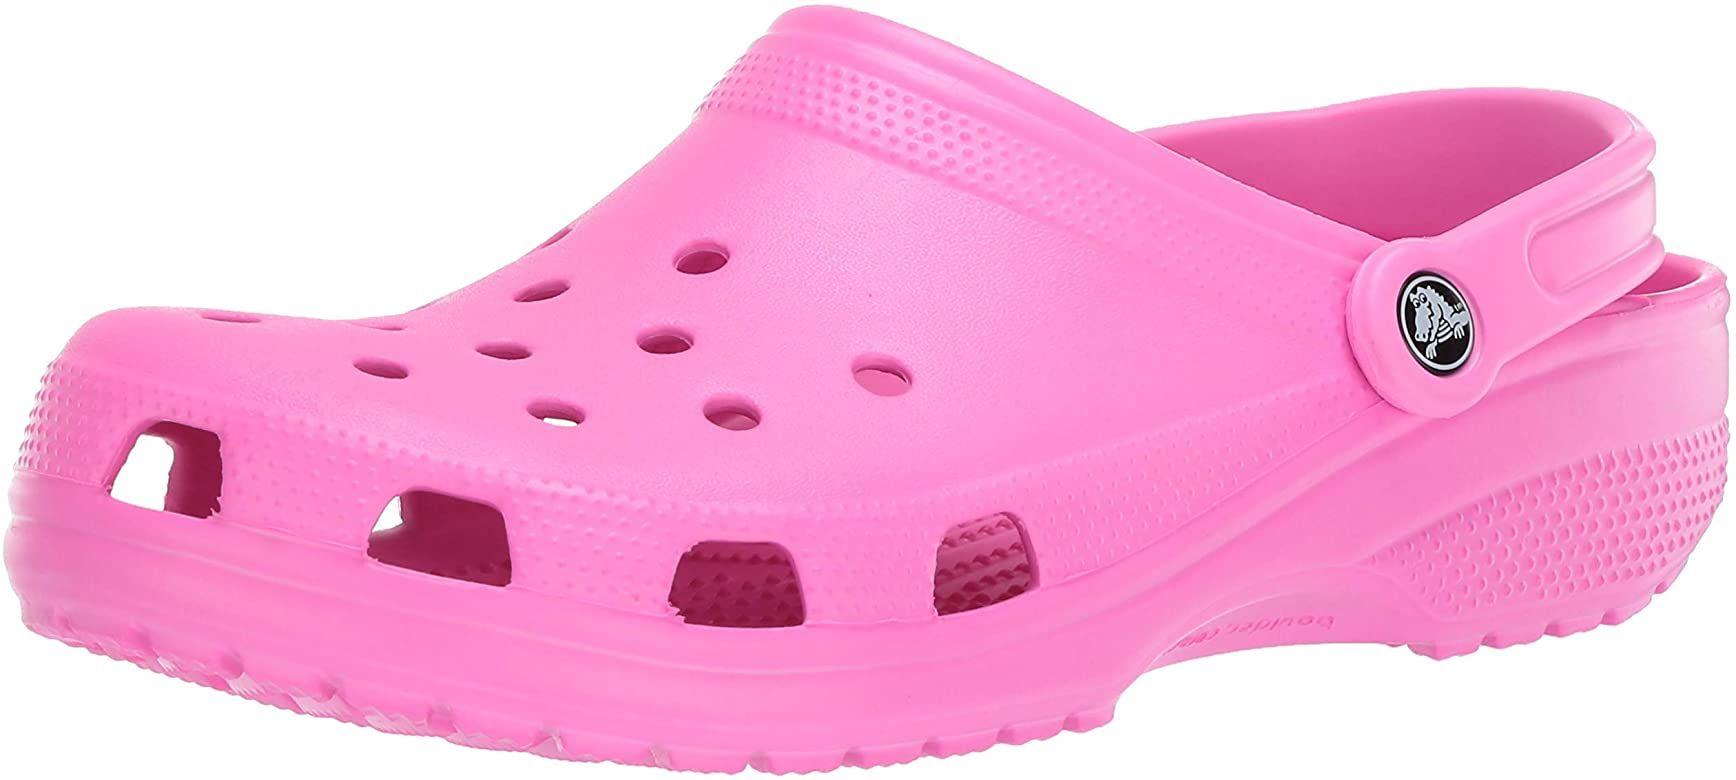 Crocs Classic Clog | Comfortable Slip